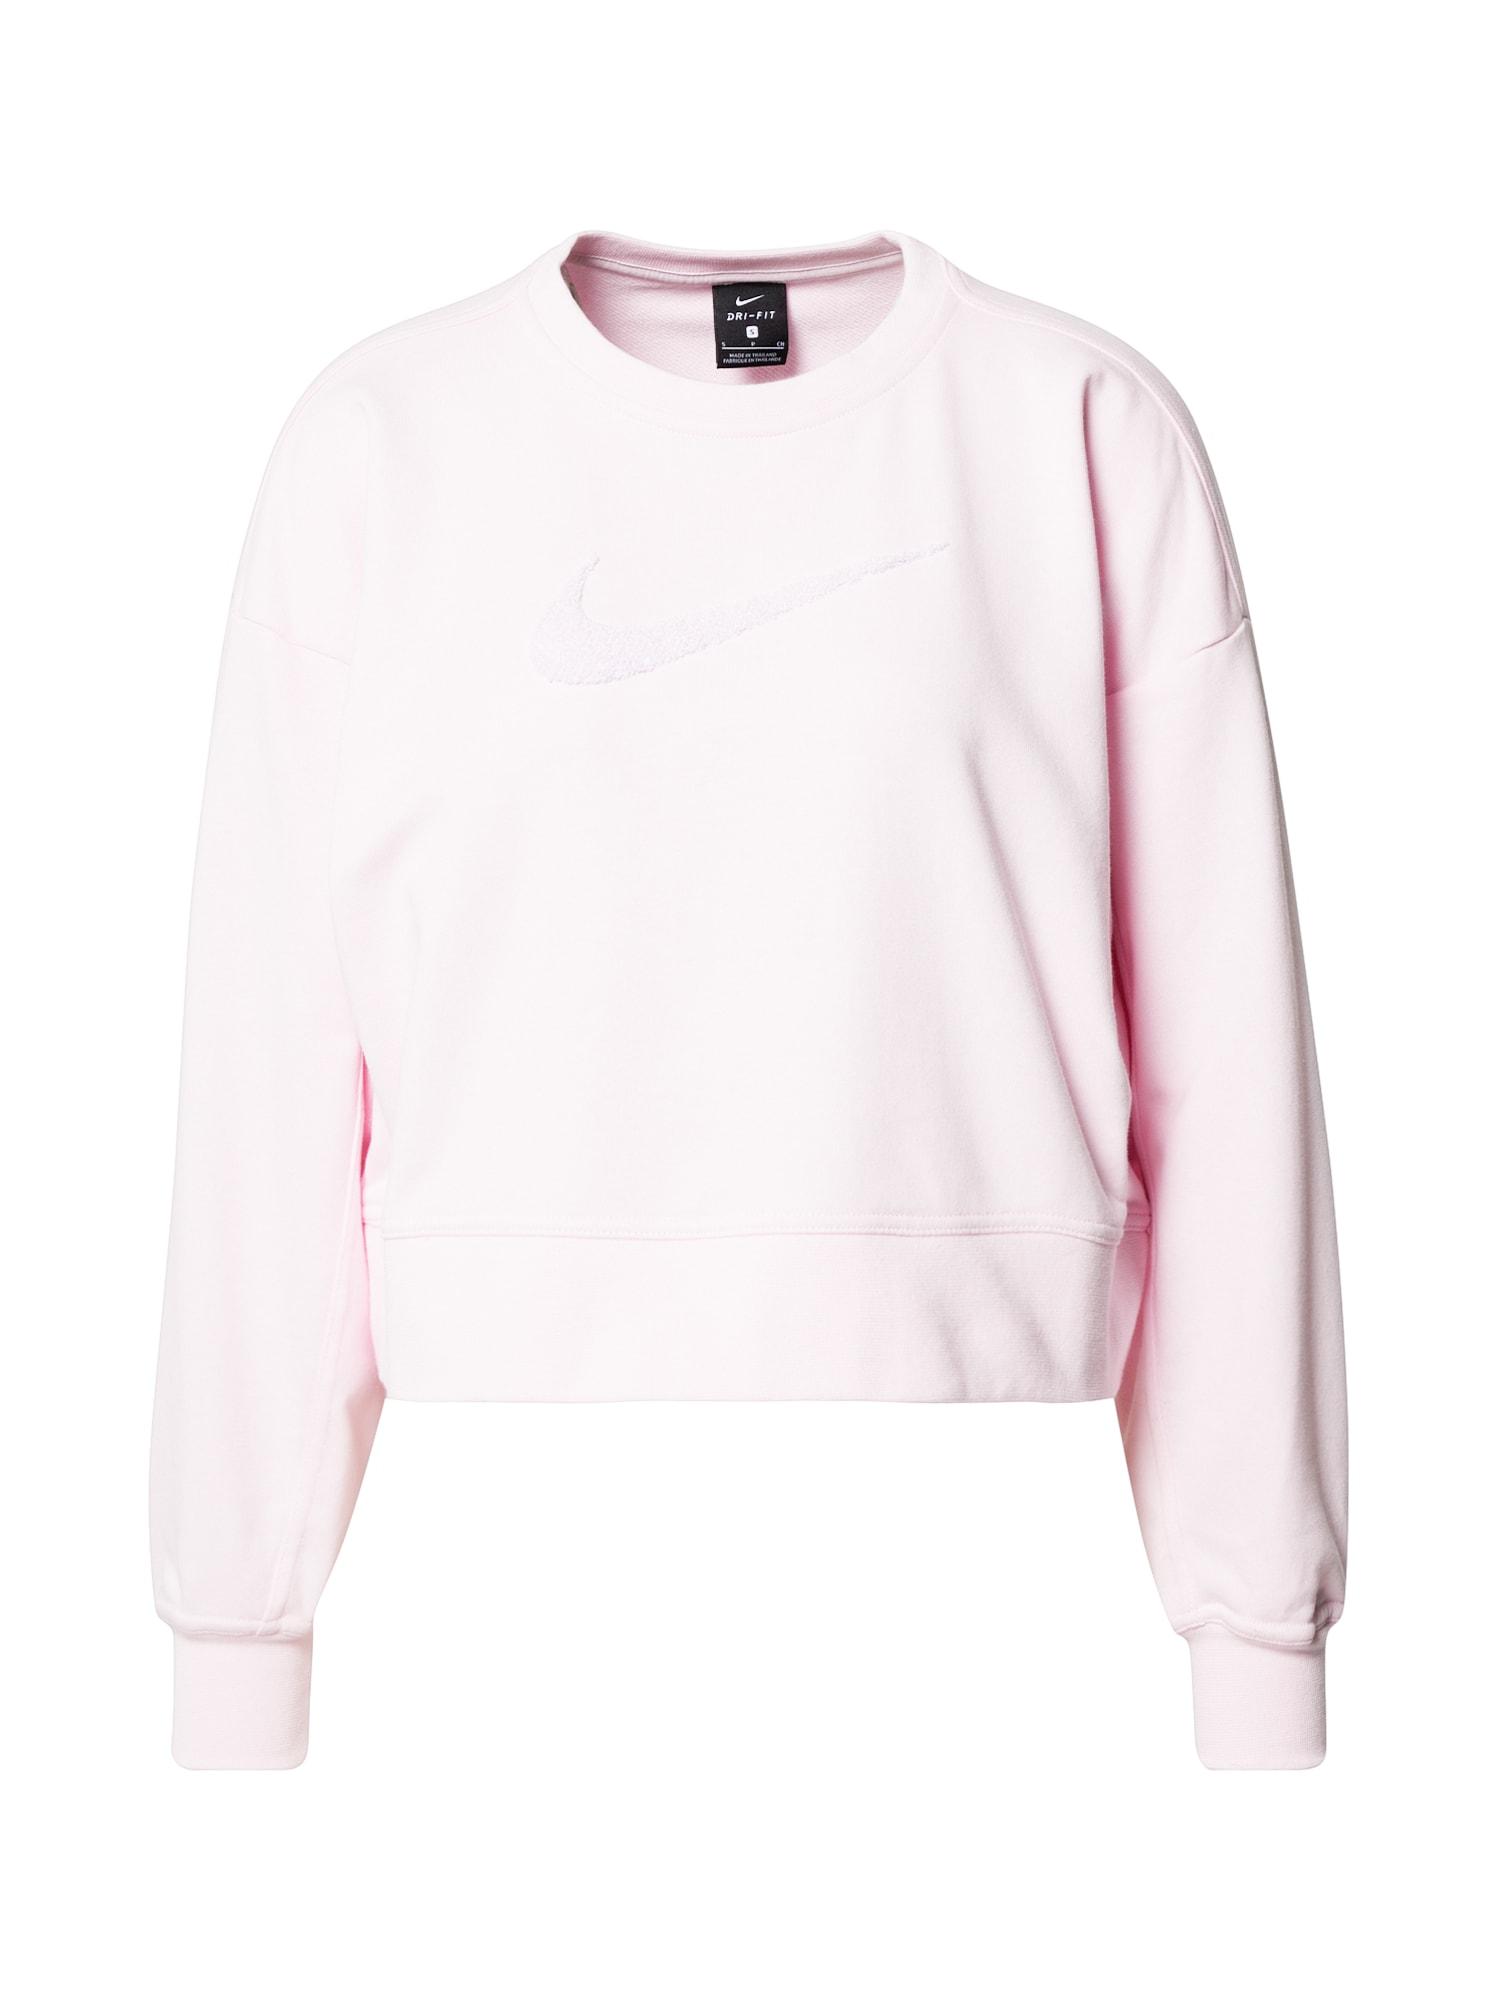 NIKE Sportinio tipo megztinis balta / rožių spalva